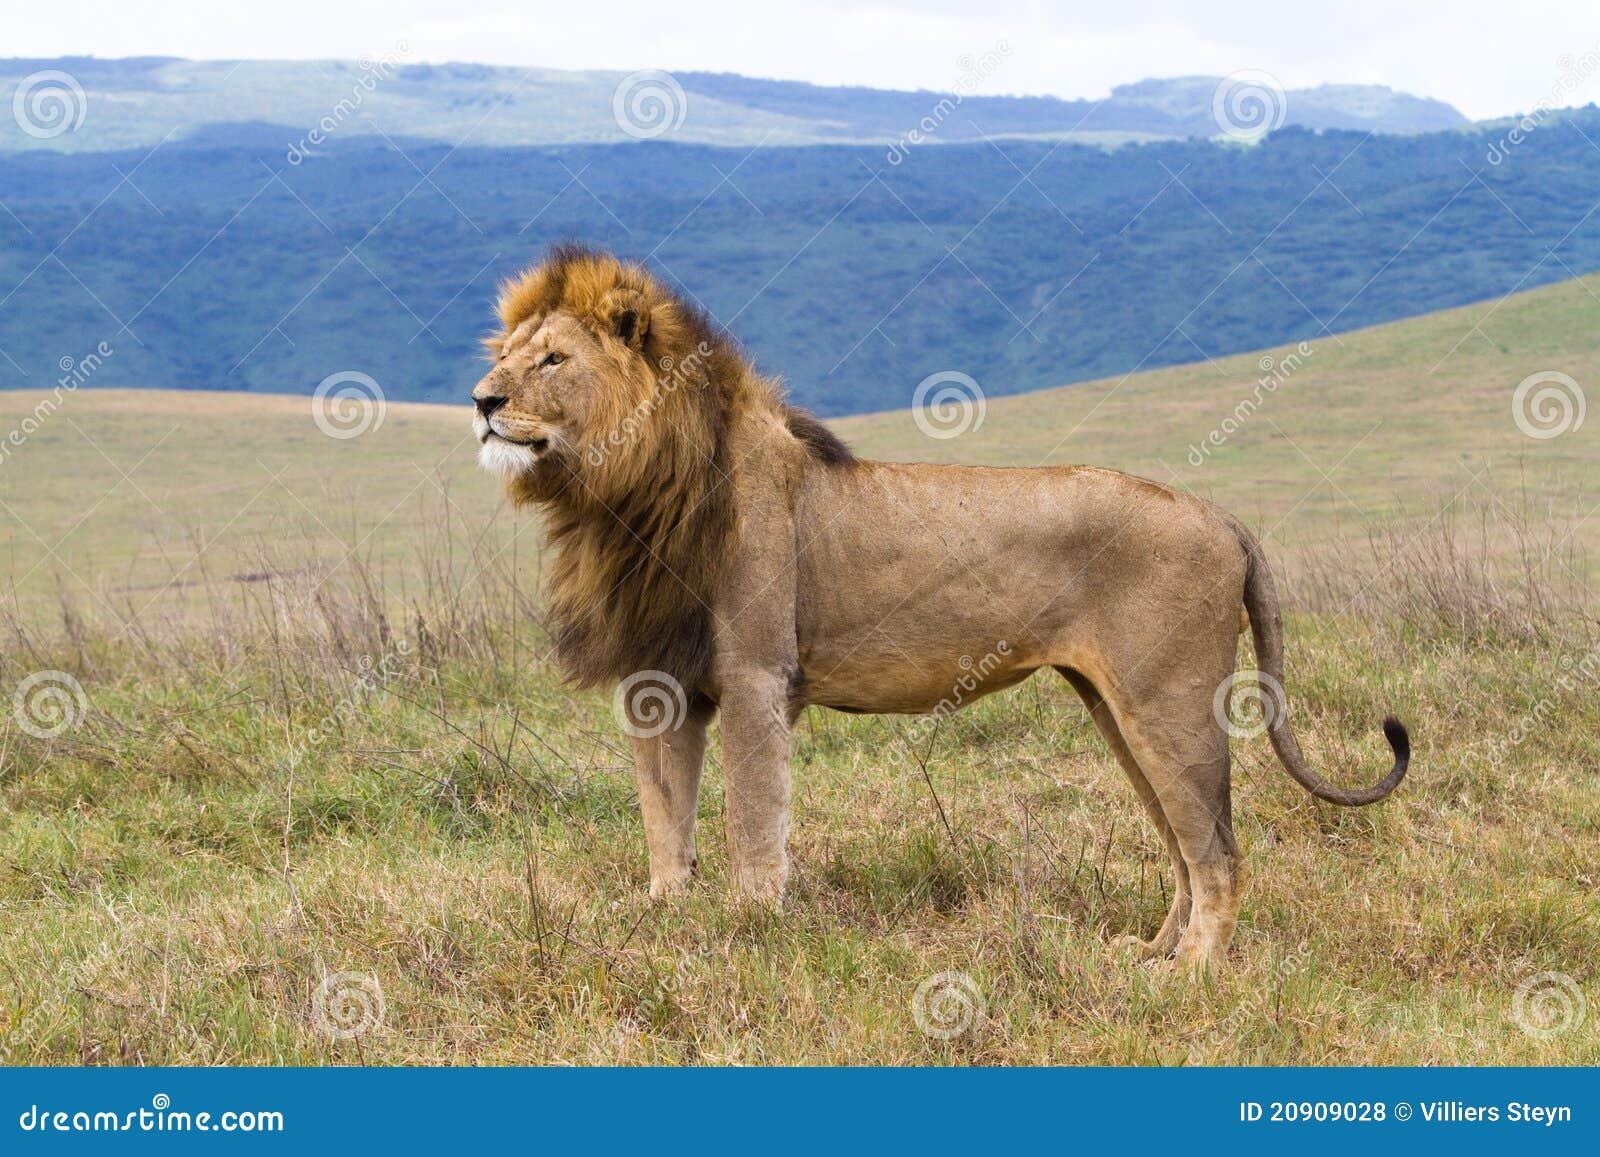 Massive male lion